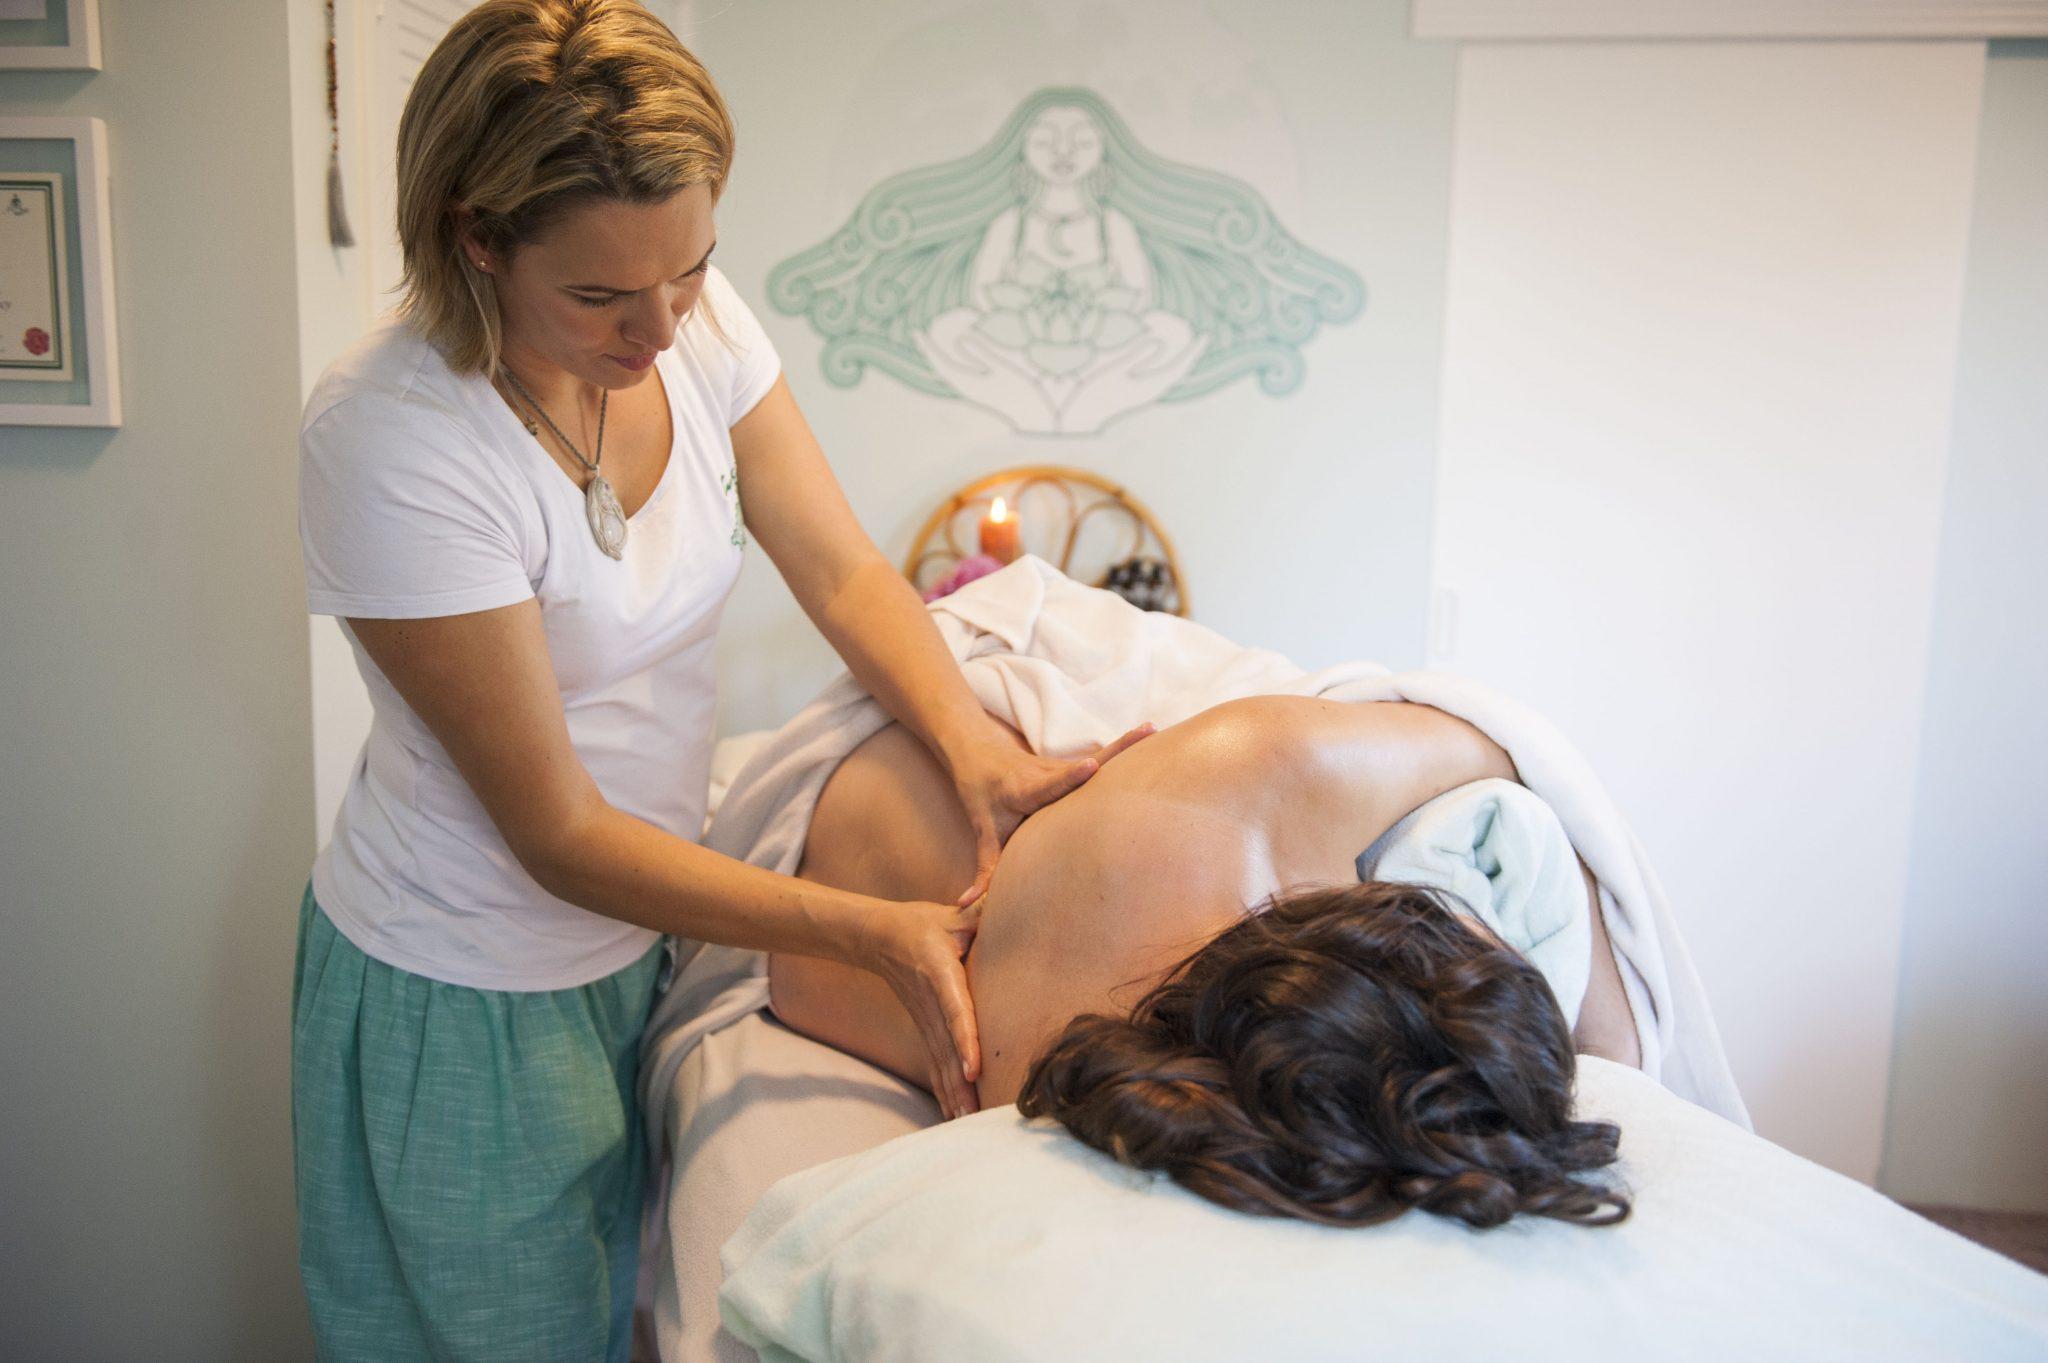 Therapeutic postpartum massage